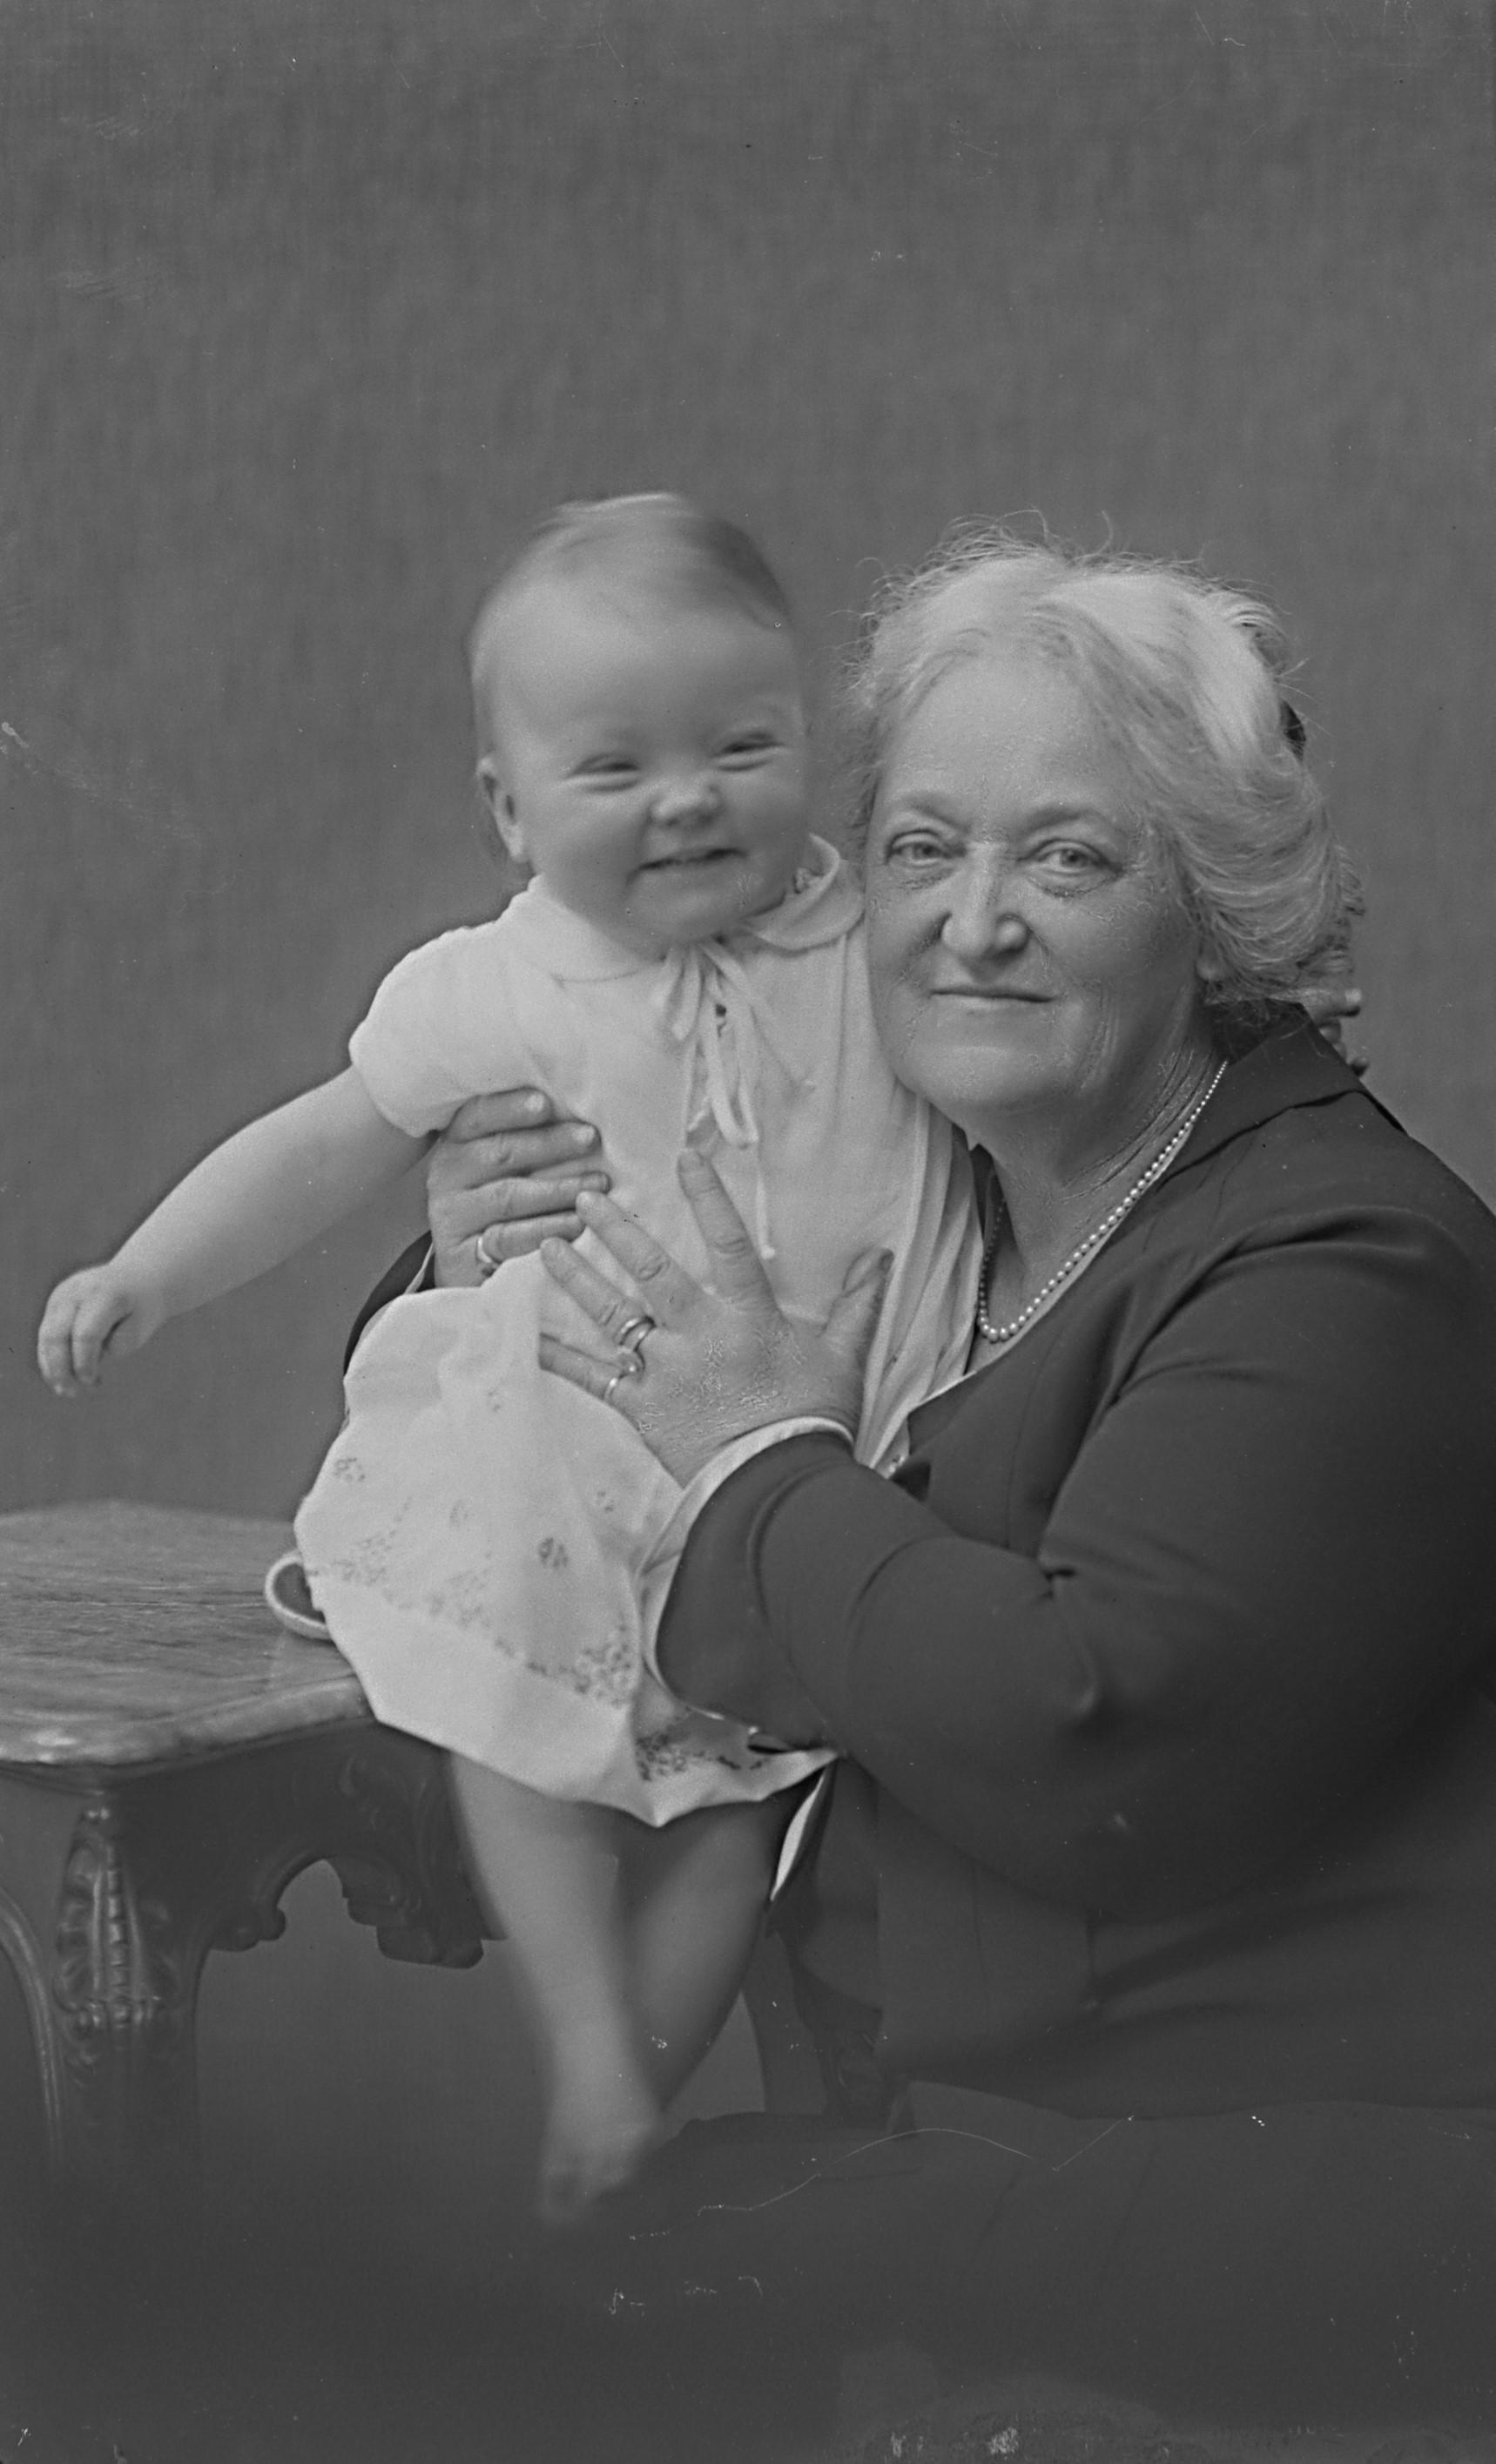 Ruth Randall Edström with granddaughter Birgitta Lindblom (married Hambraeus), later member of the Swedish Riksdag. Photo: Ernst Blom (1877-1954). Västmanlands läns museum (Vlm-Blom P 471)